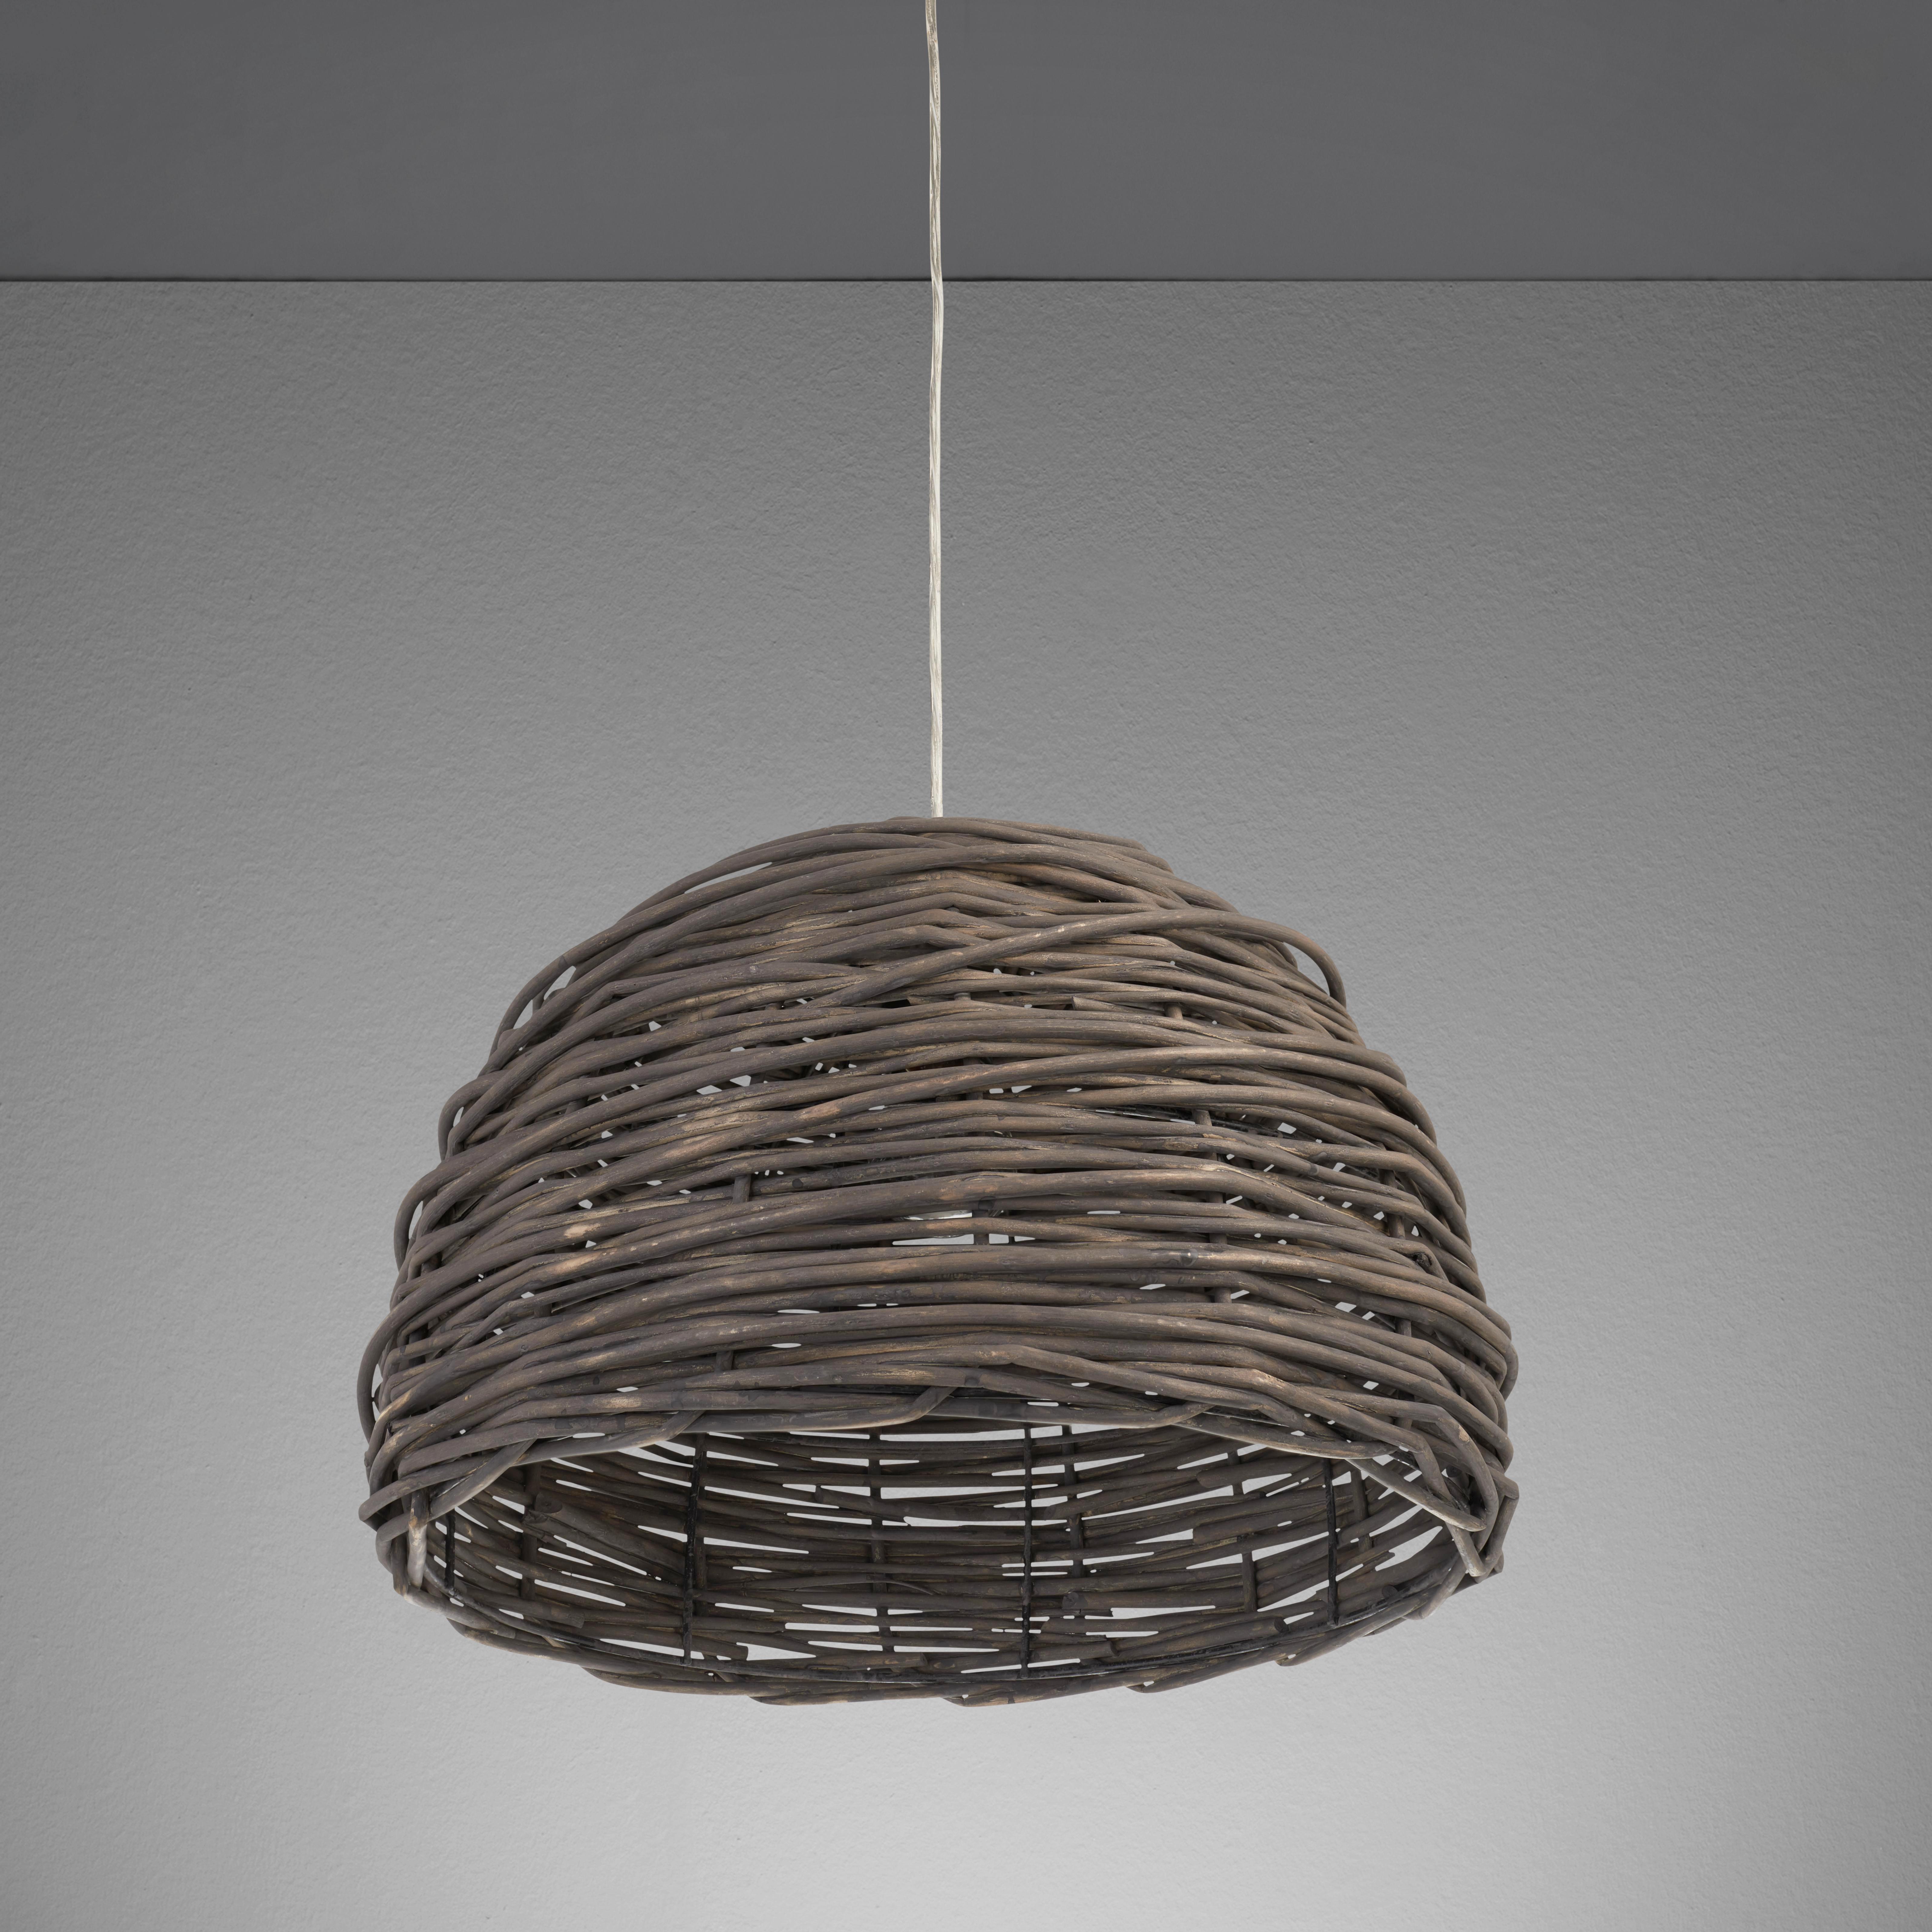 Hängeleuchte Charlotte - Grau/Nickelfarben, MODERN, Metall (40/40/120cm) - MÖMAX modern living